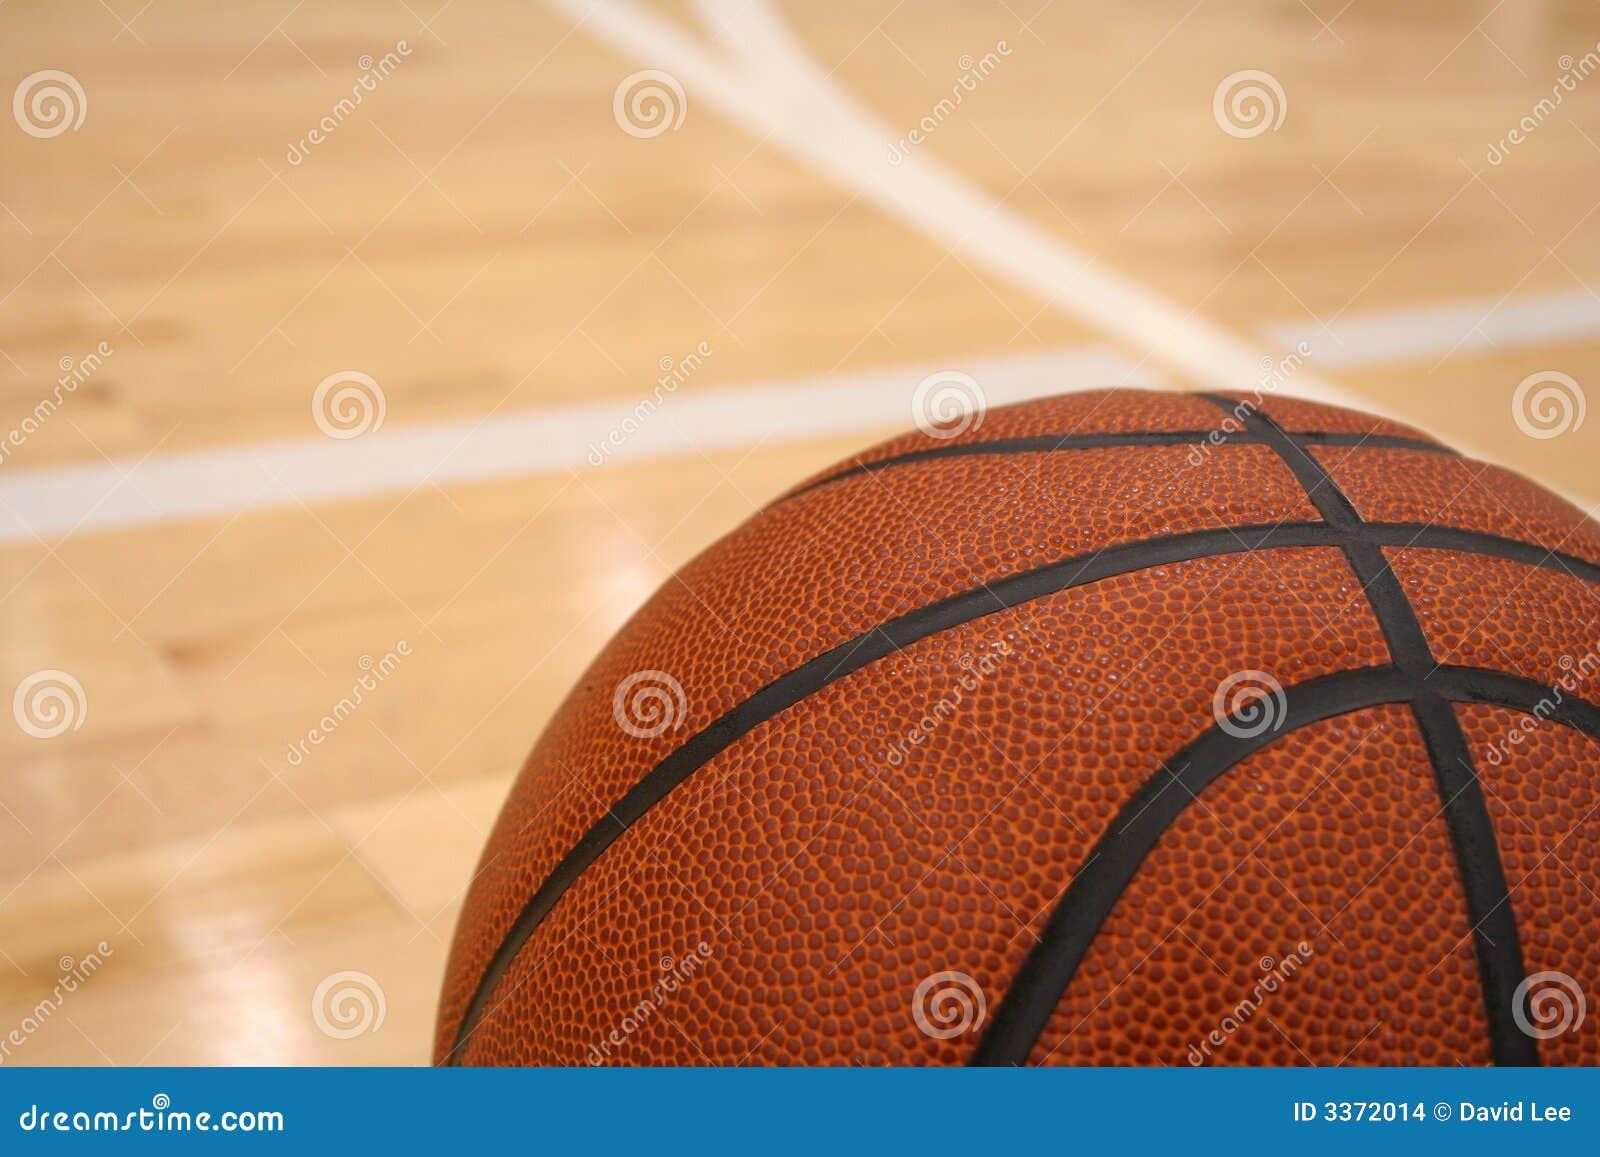 Baloncesto y corte